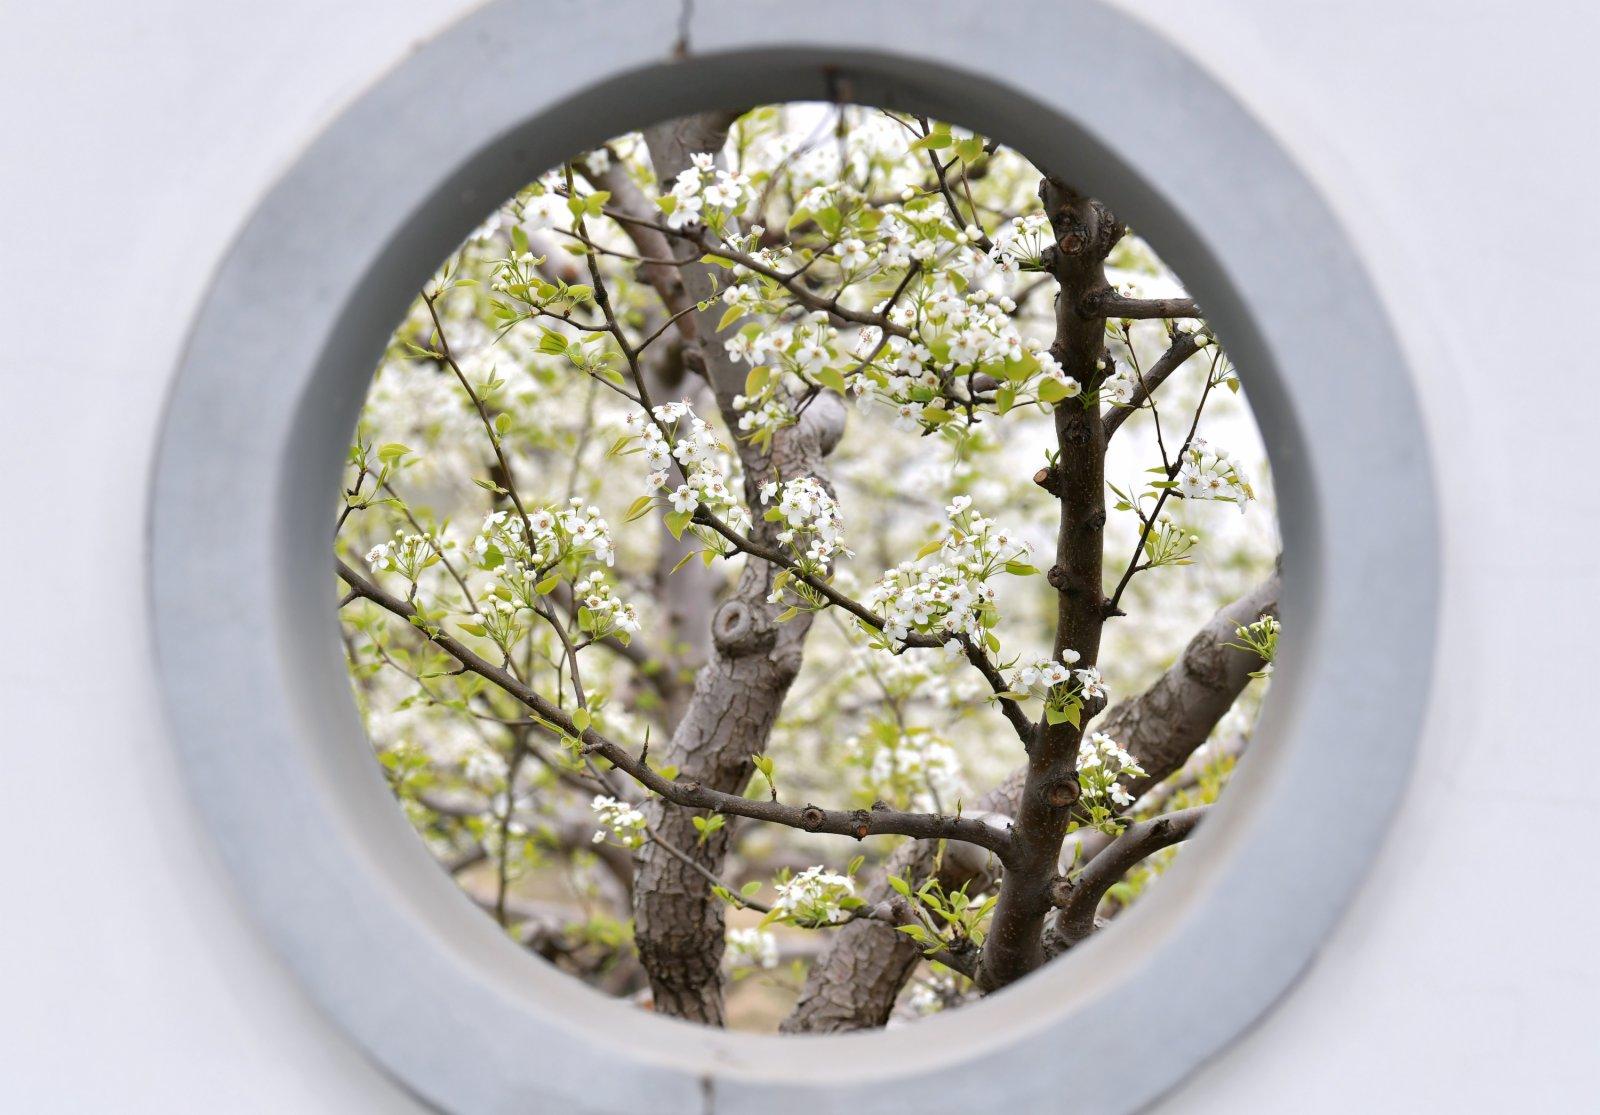 4月11日在楊家坡民俗文化園內拍攝的梨花。(新華社)